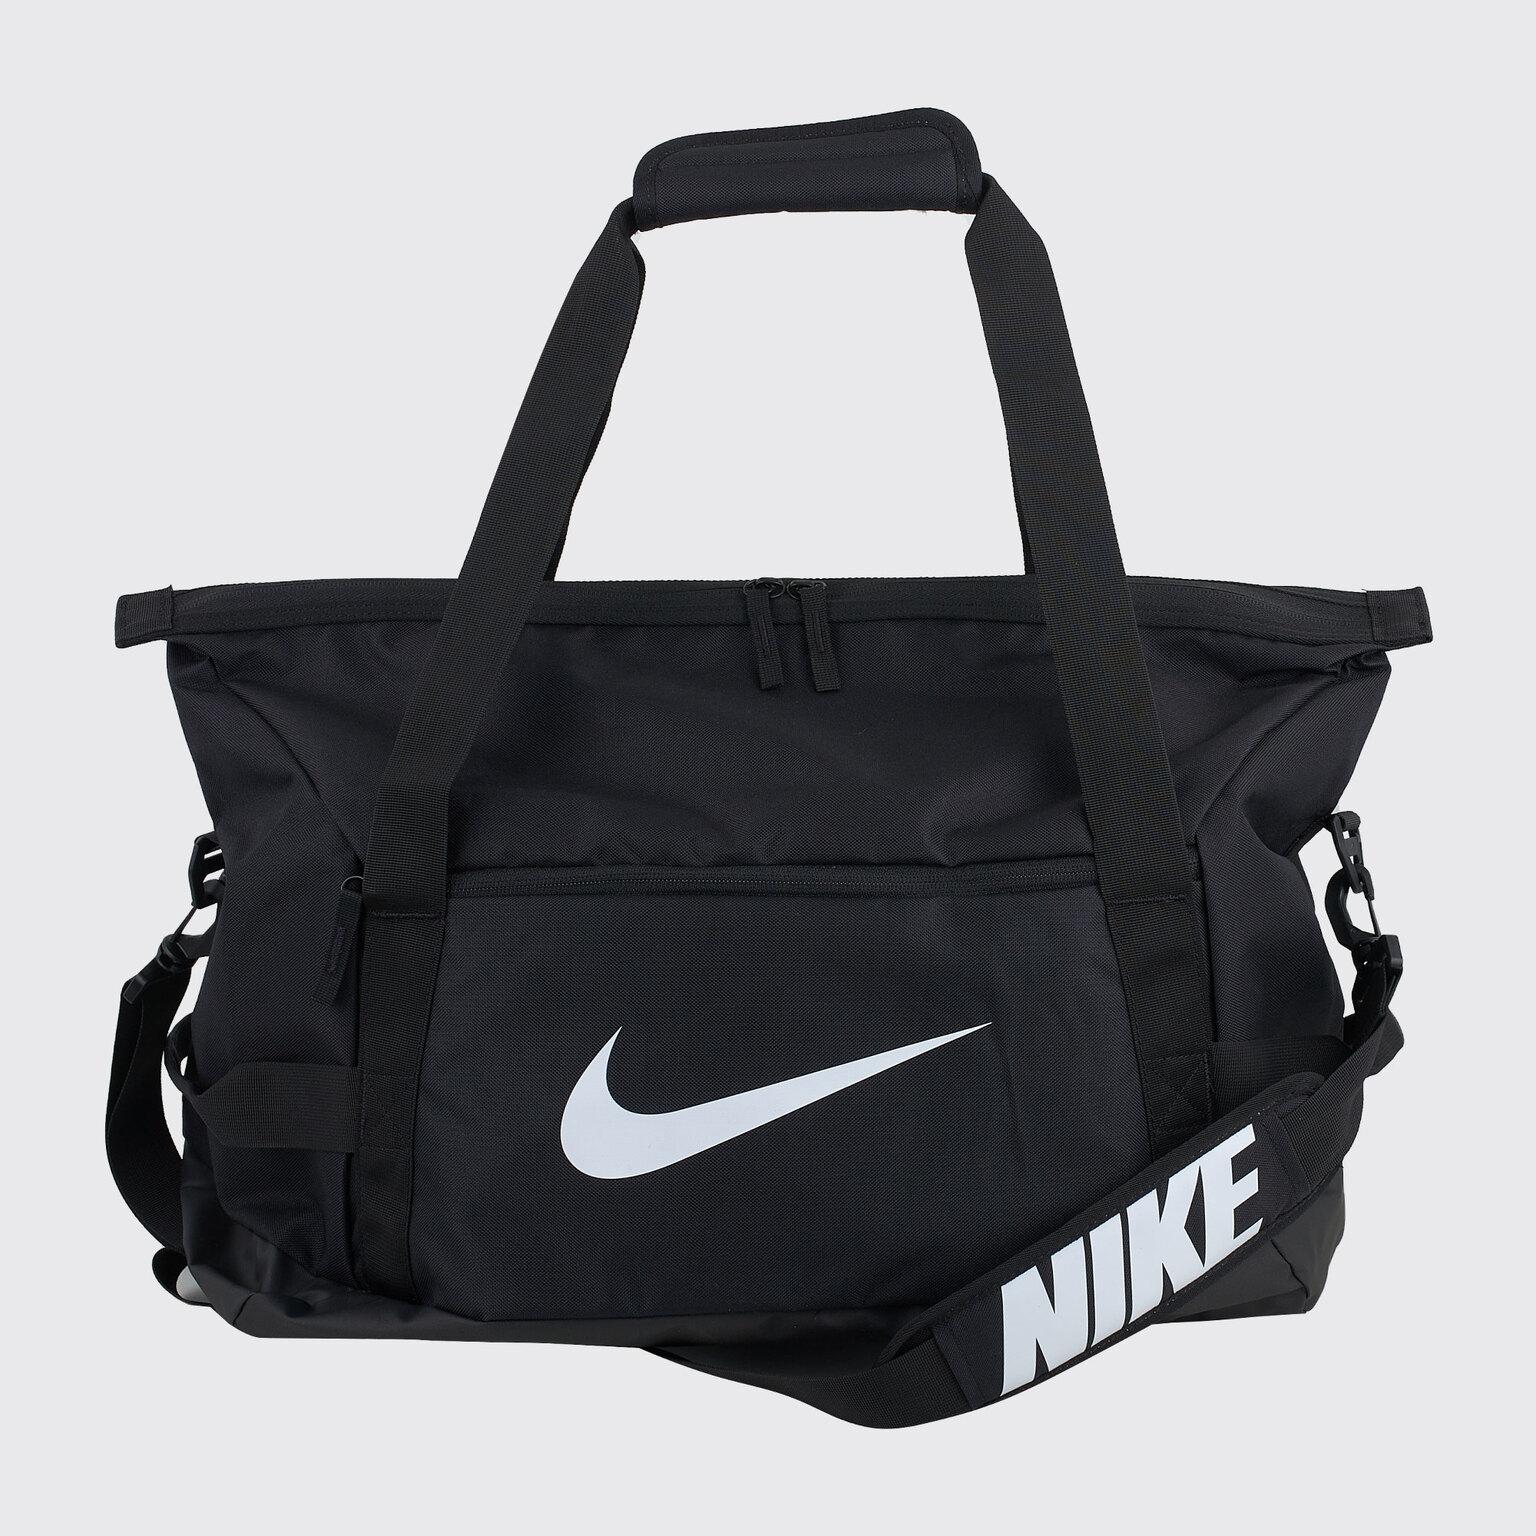 Фото - Сумка Nike Academy Team M CV7829-010 органайзер для хранения вещей eva черное золото 4 отделения 30 х 30 х 10 см